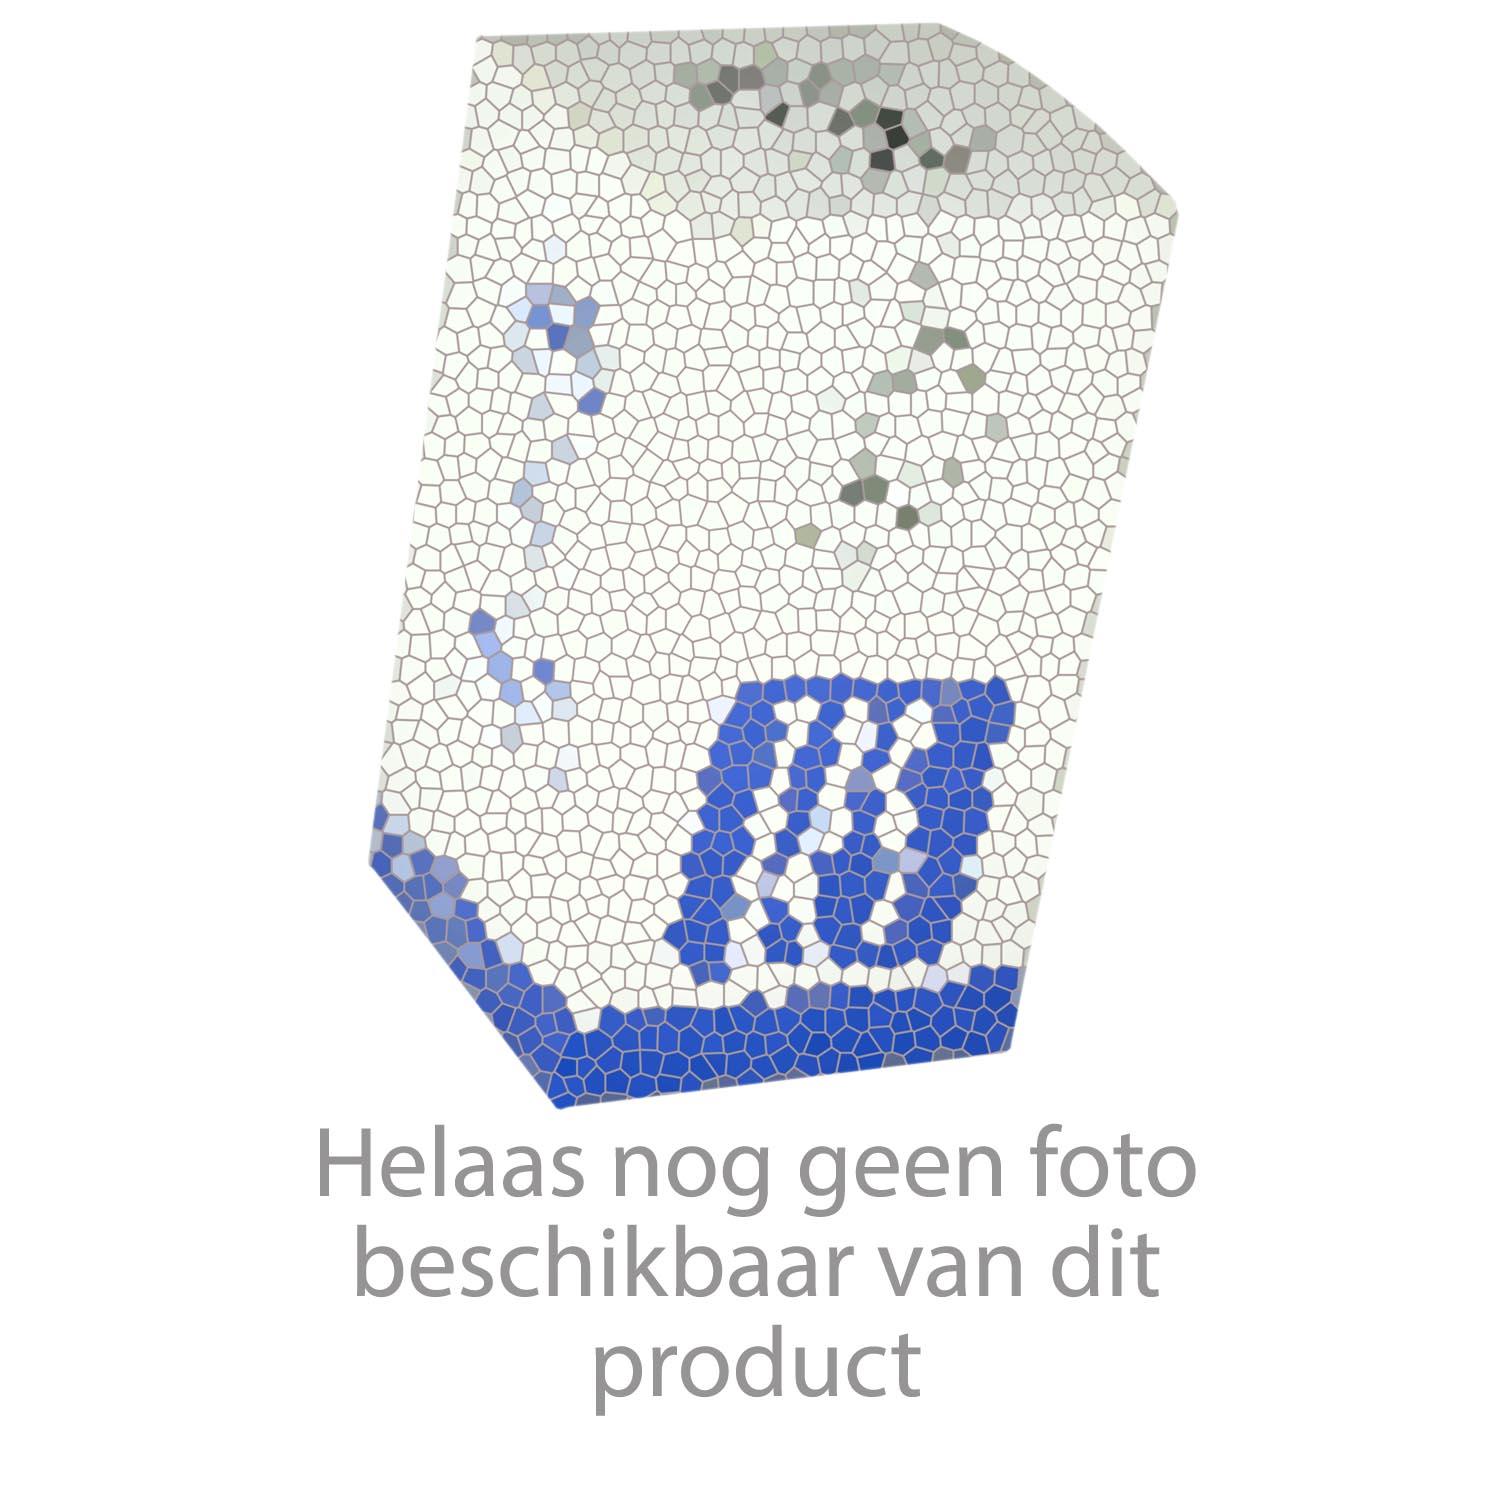 Hansgrohe Croma Variojet/Porter C Sl. 1600Mm Ch Artikelnummer 27546000 (Vervallen 2014)